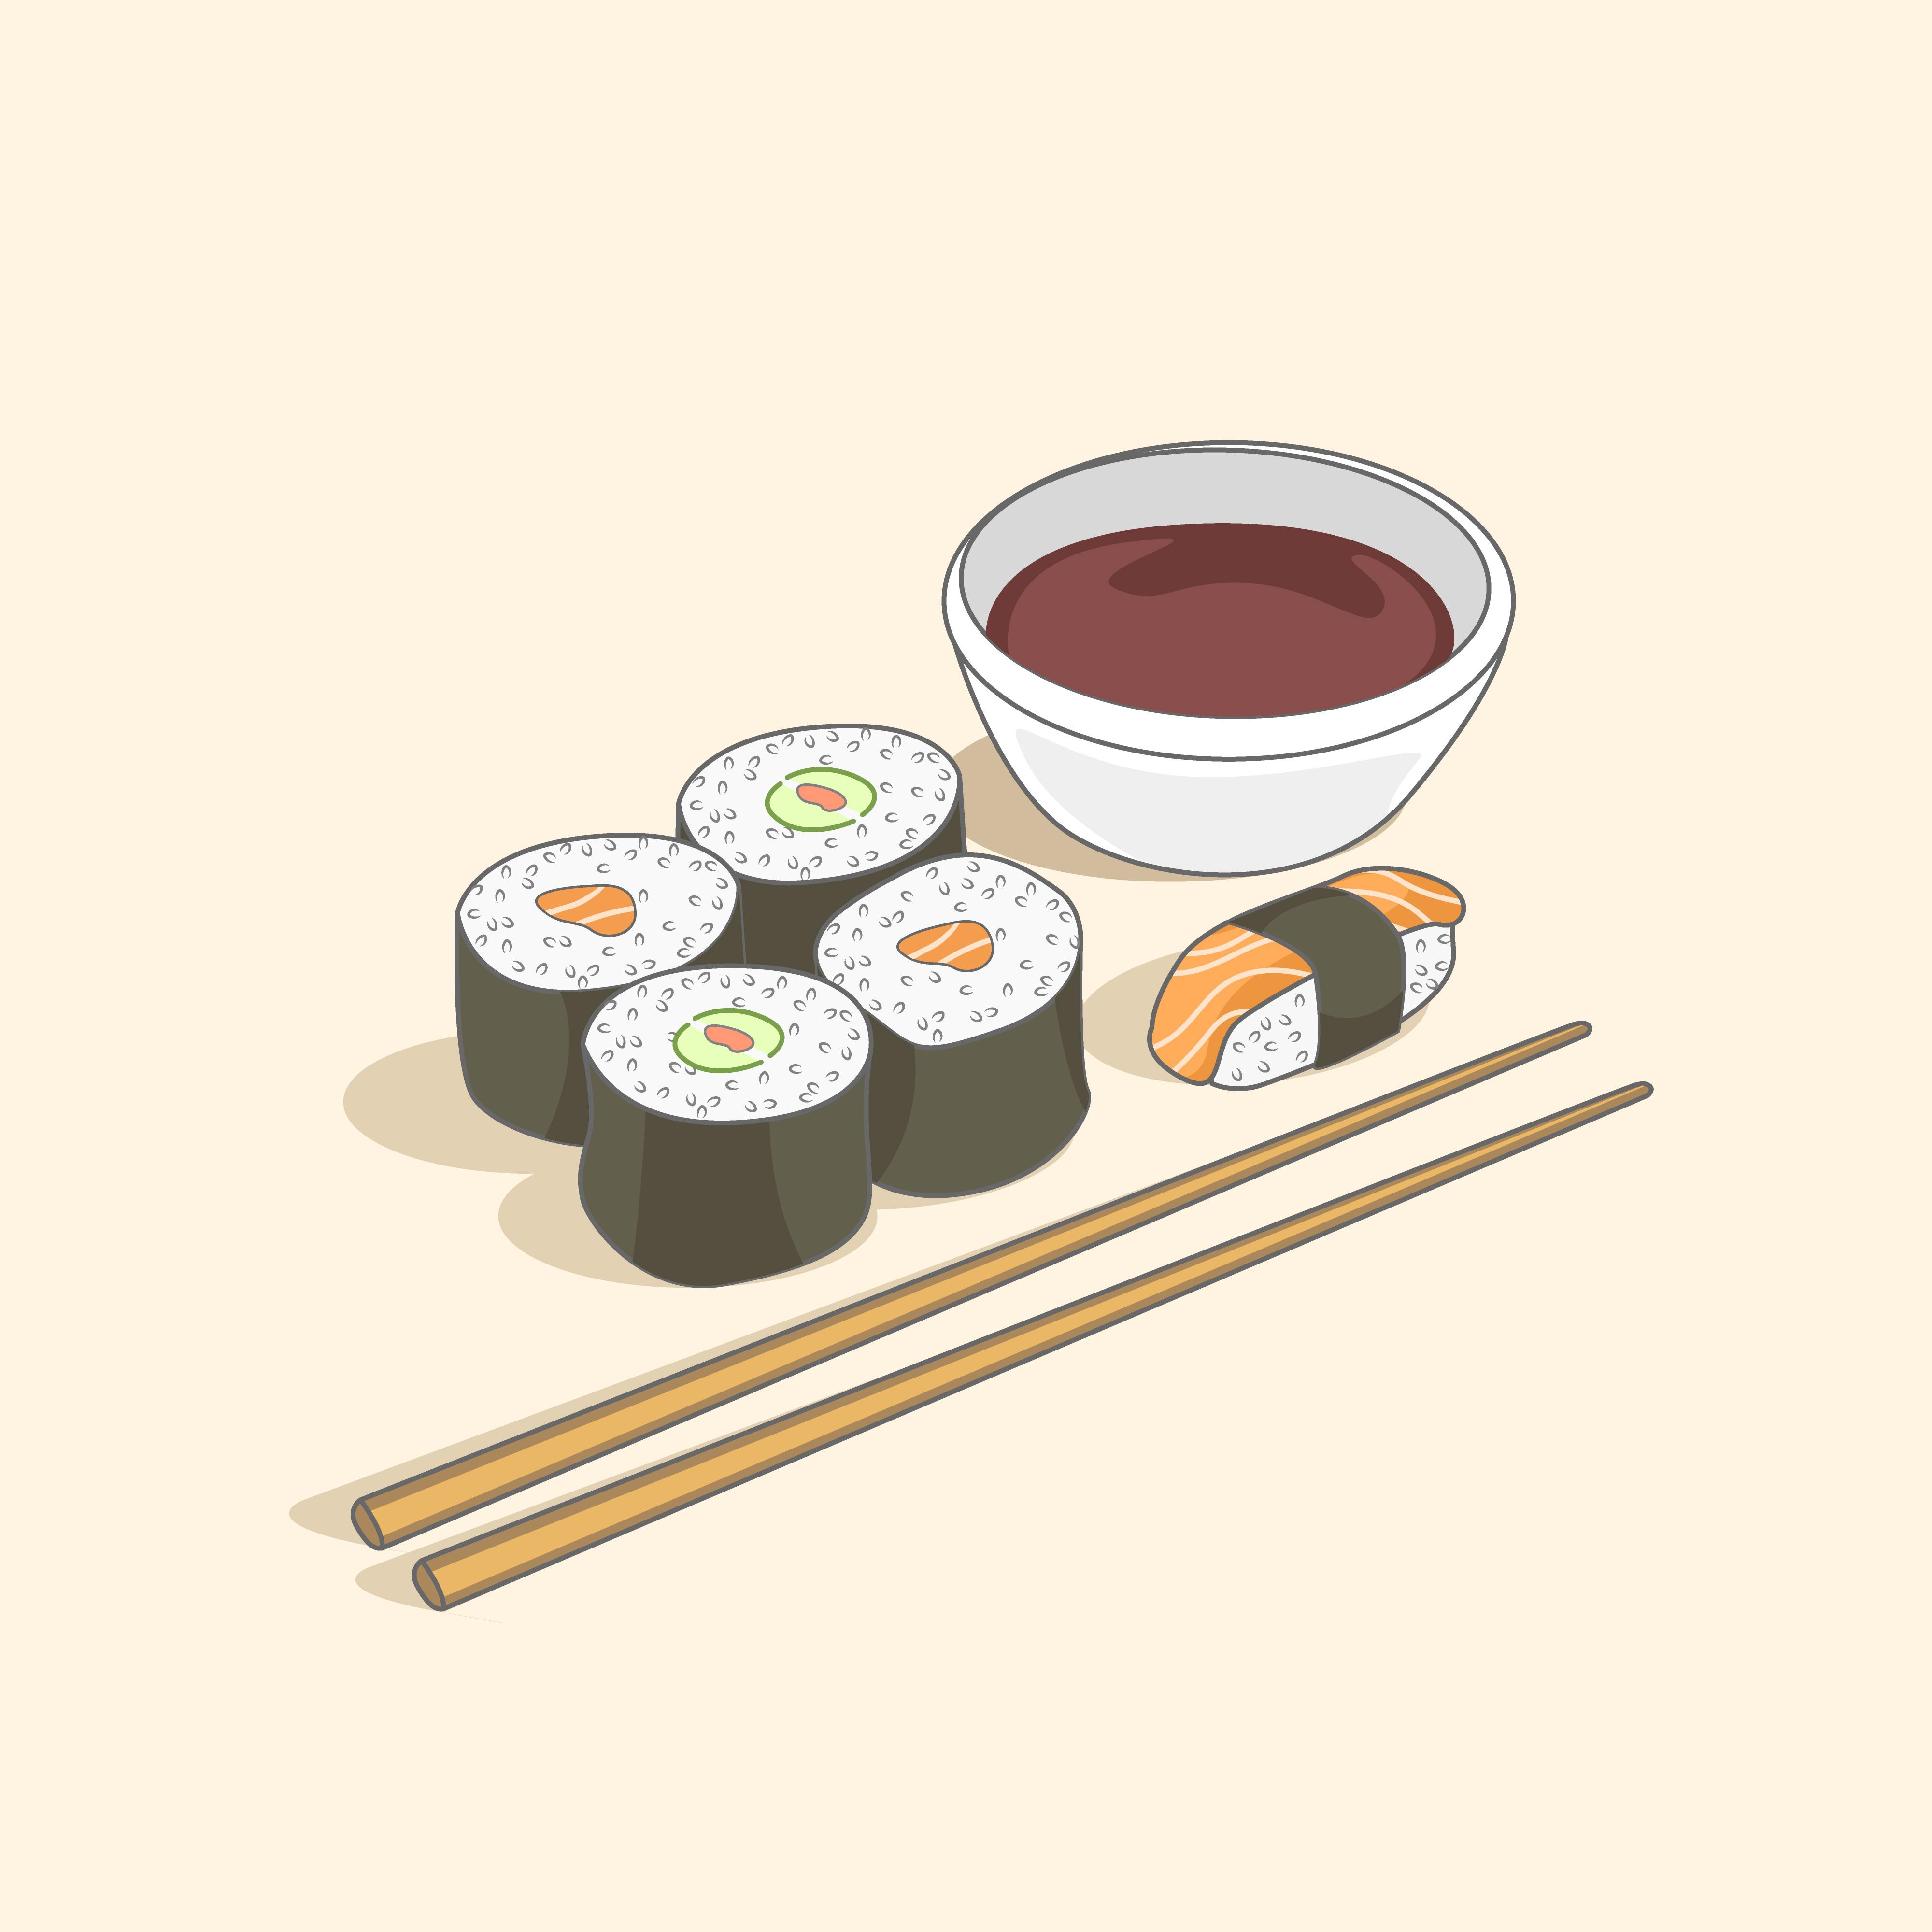 мультяшные картинки для суши могут